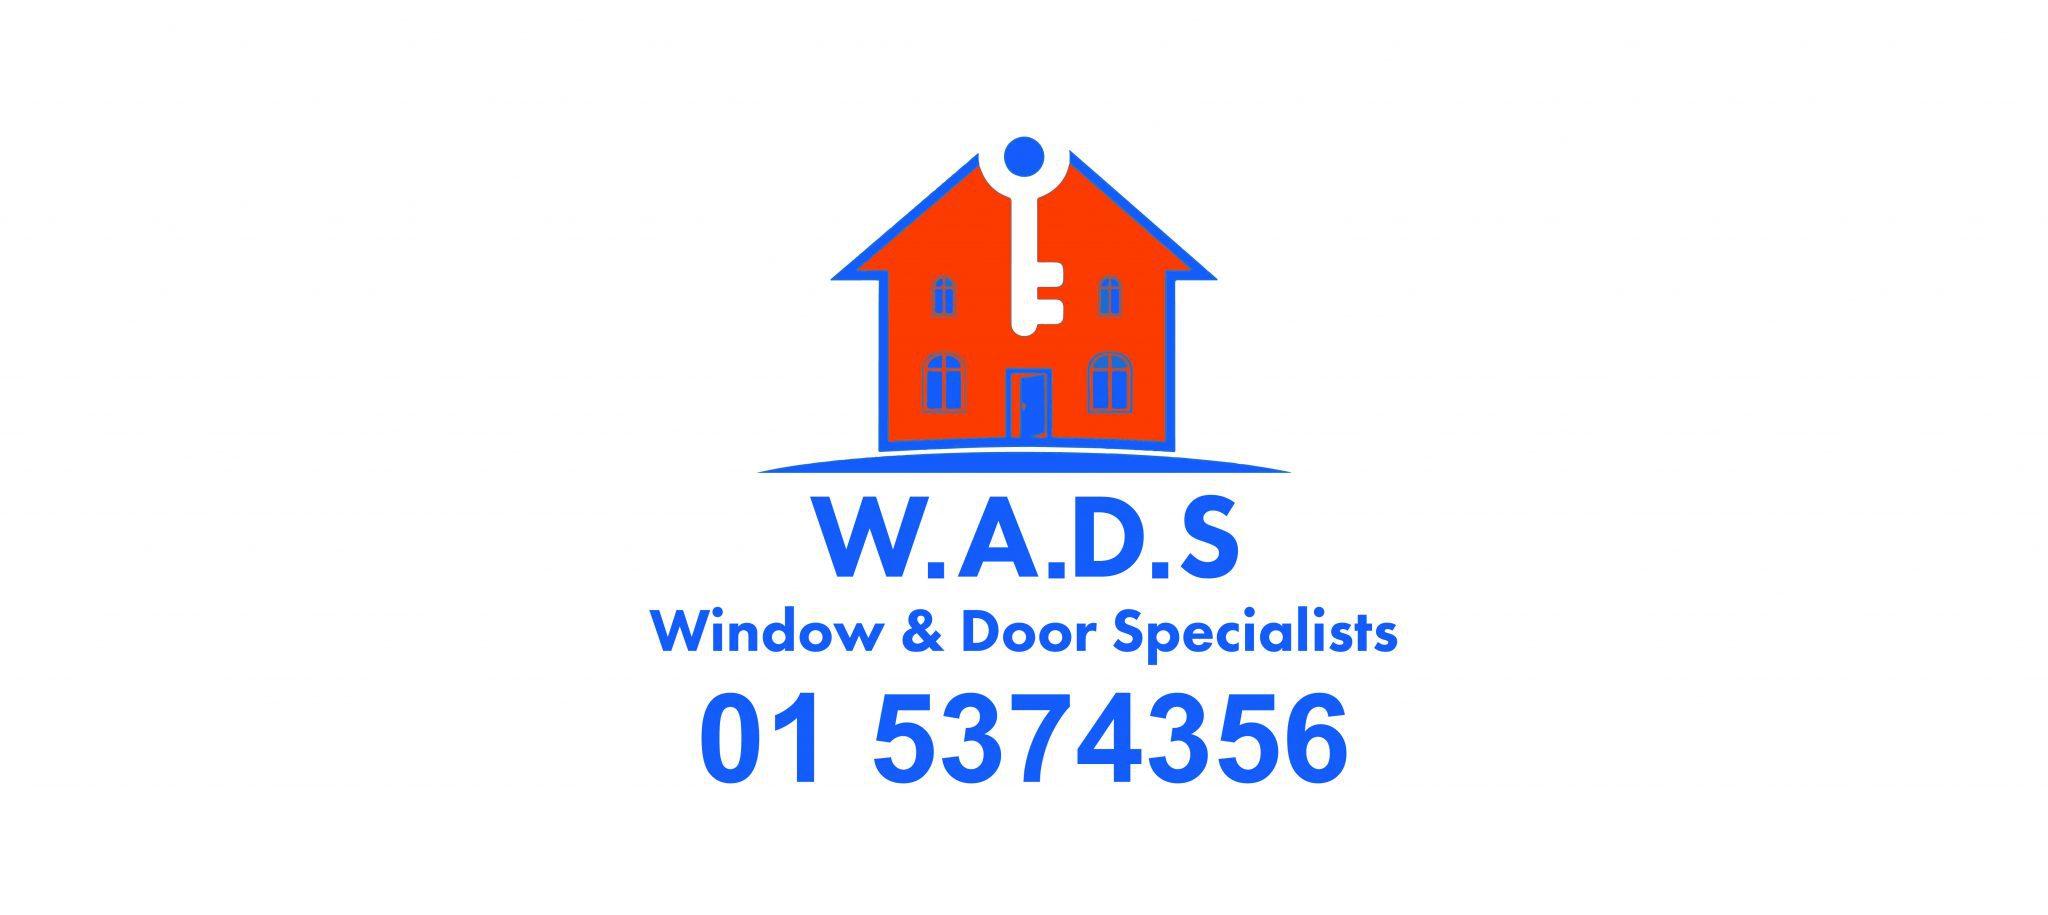 WADS Window & Door Specialists Logo